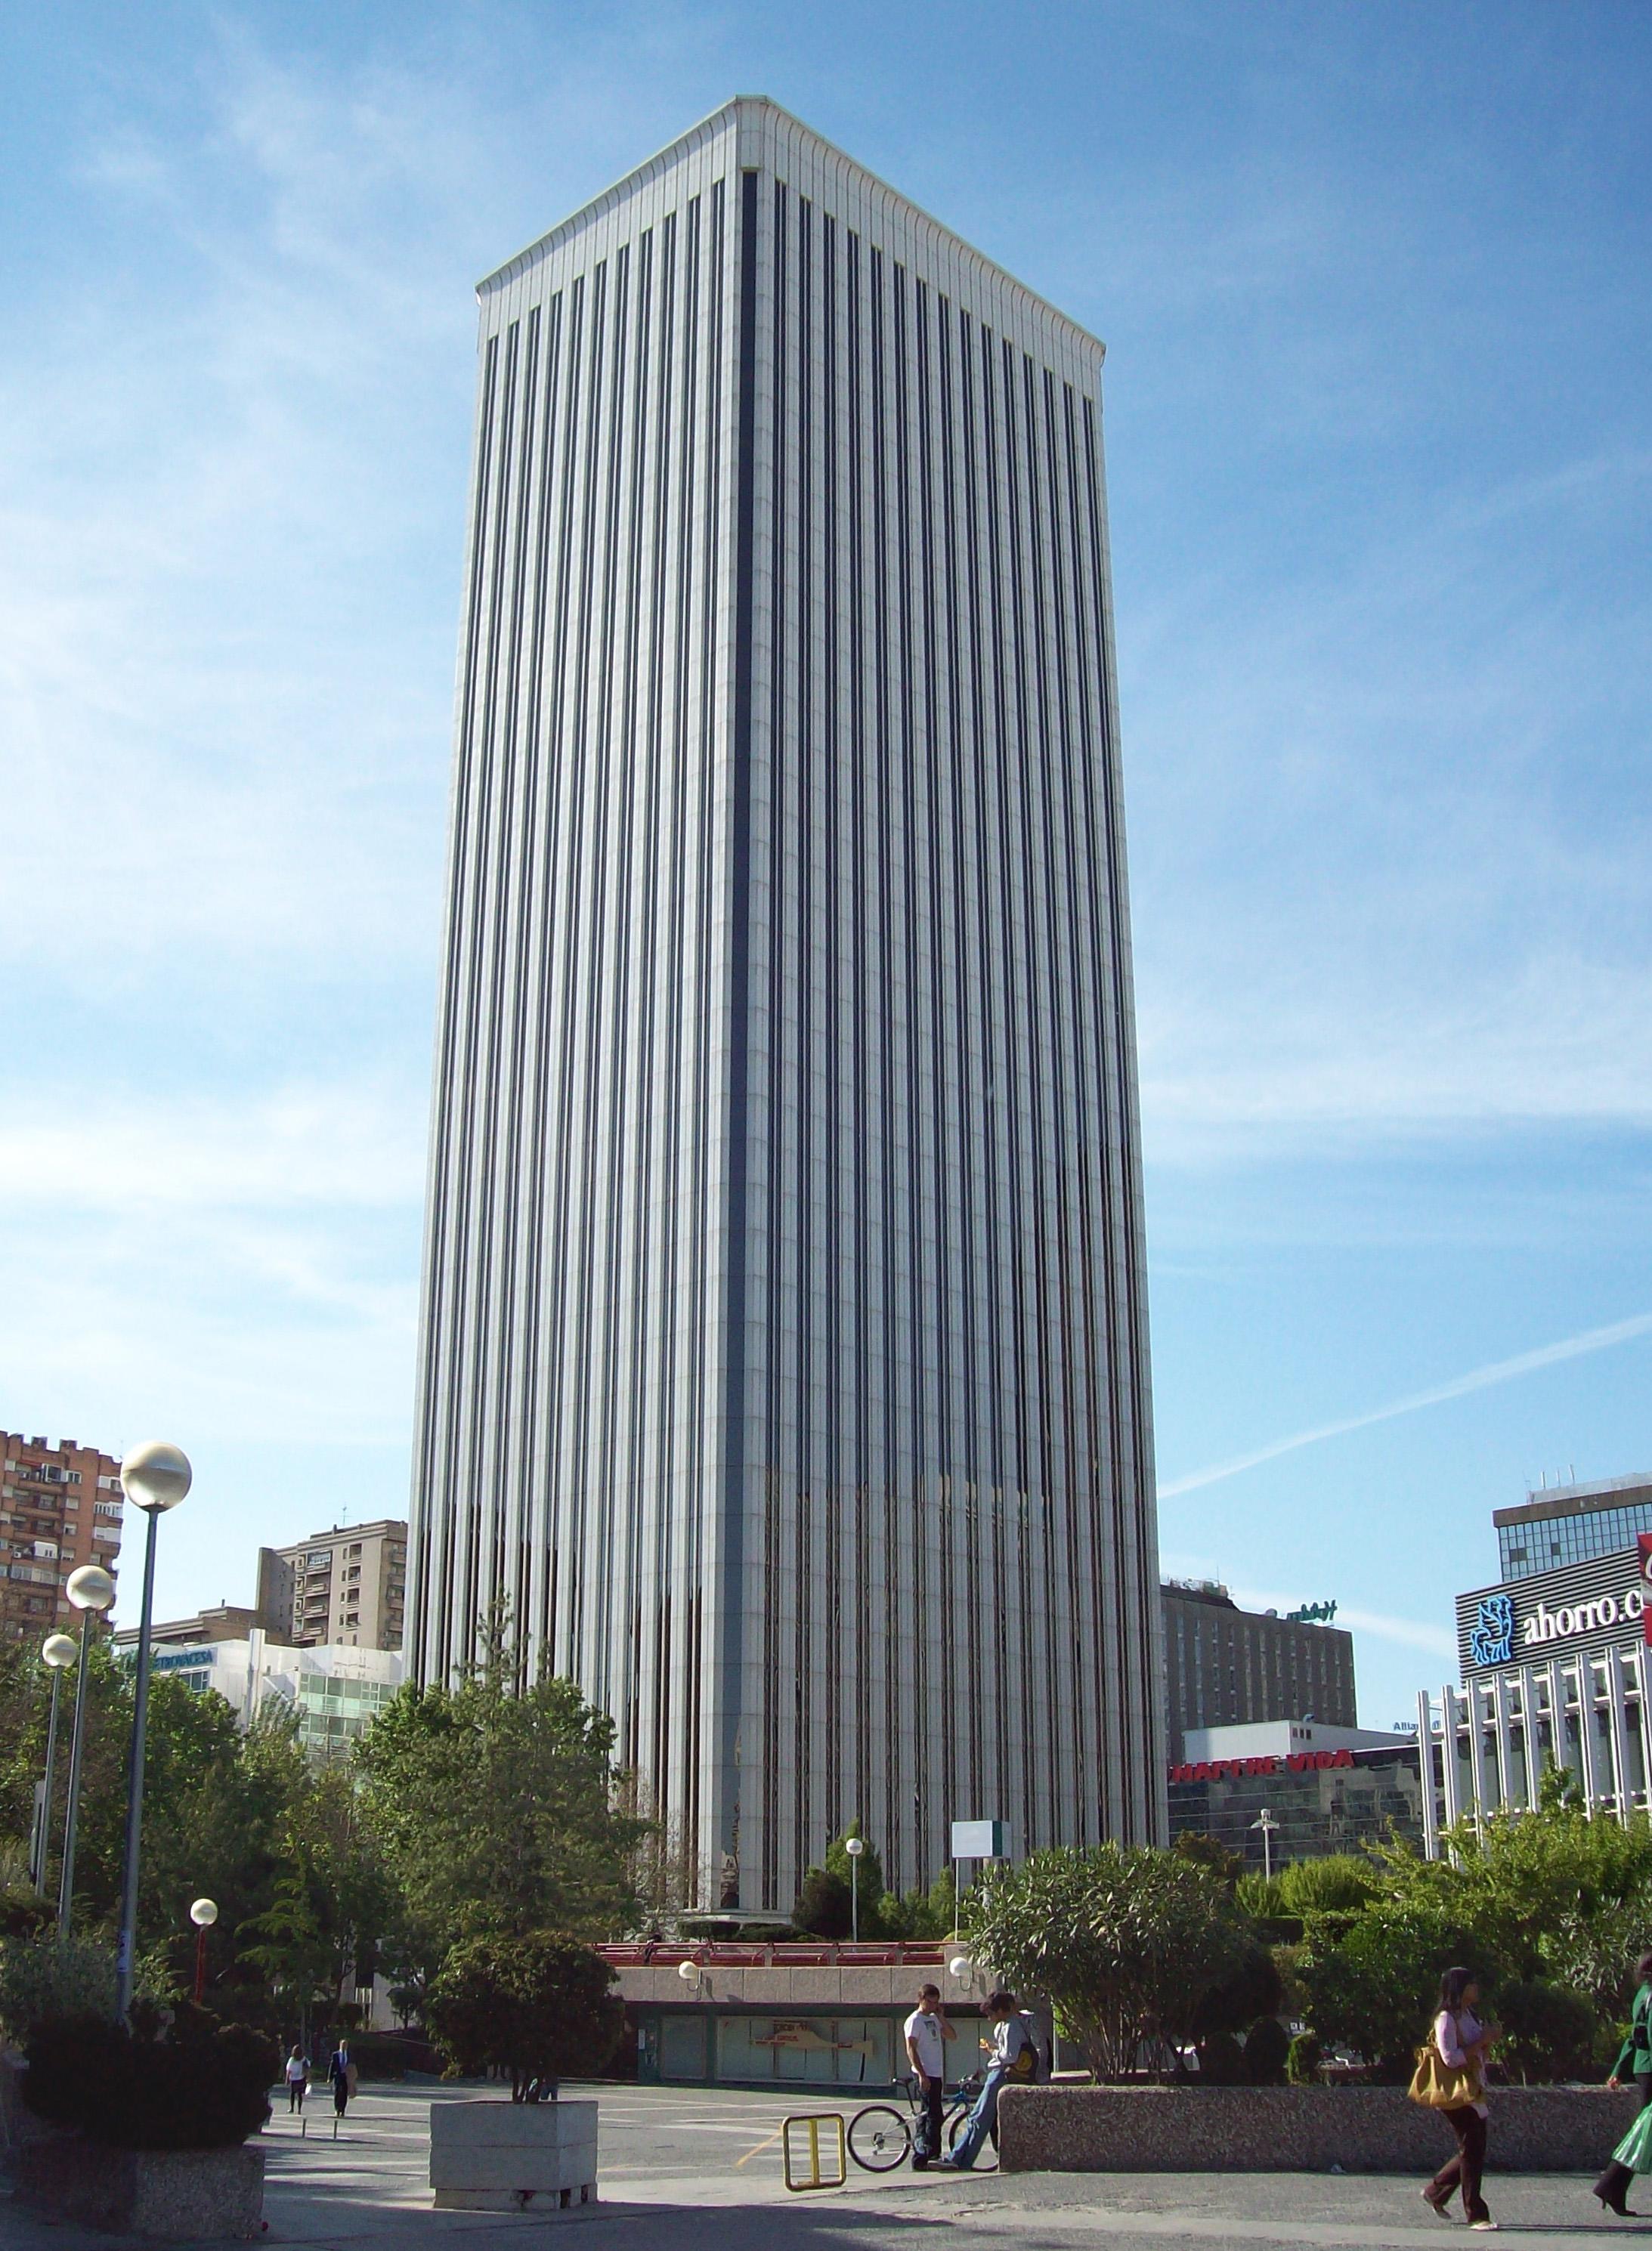 Archivo torre picasso madrid wikipedia la for Banco santander sucursales barcelona